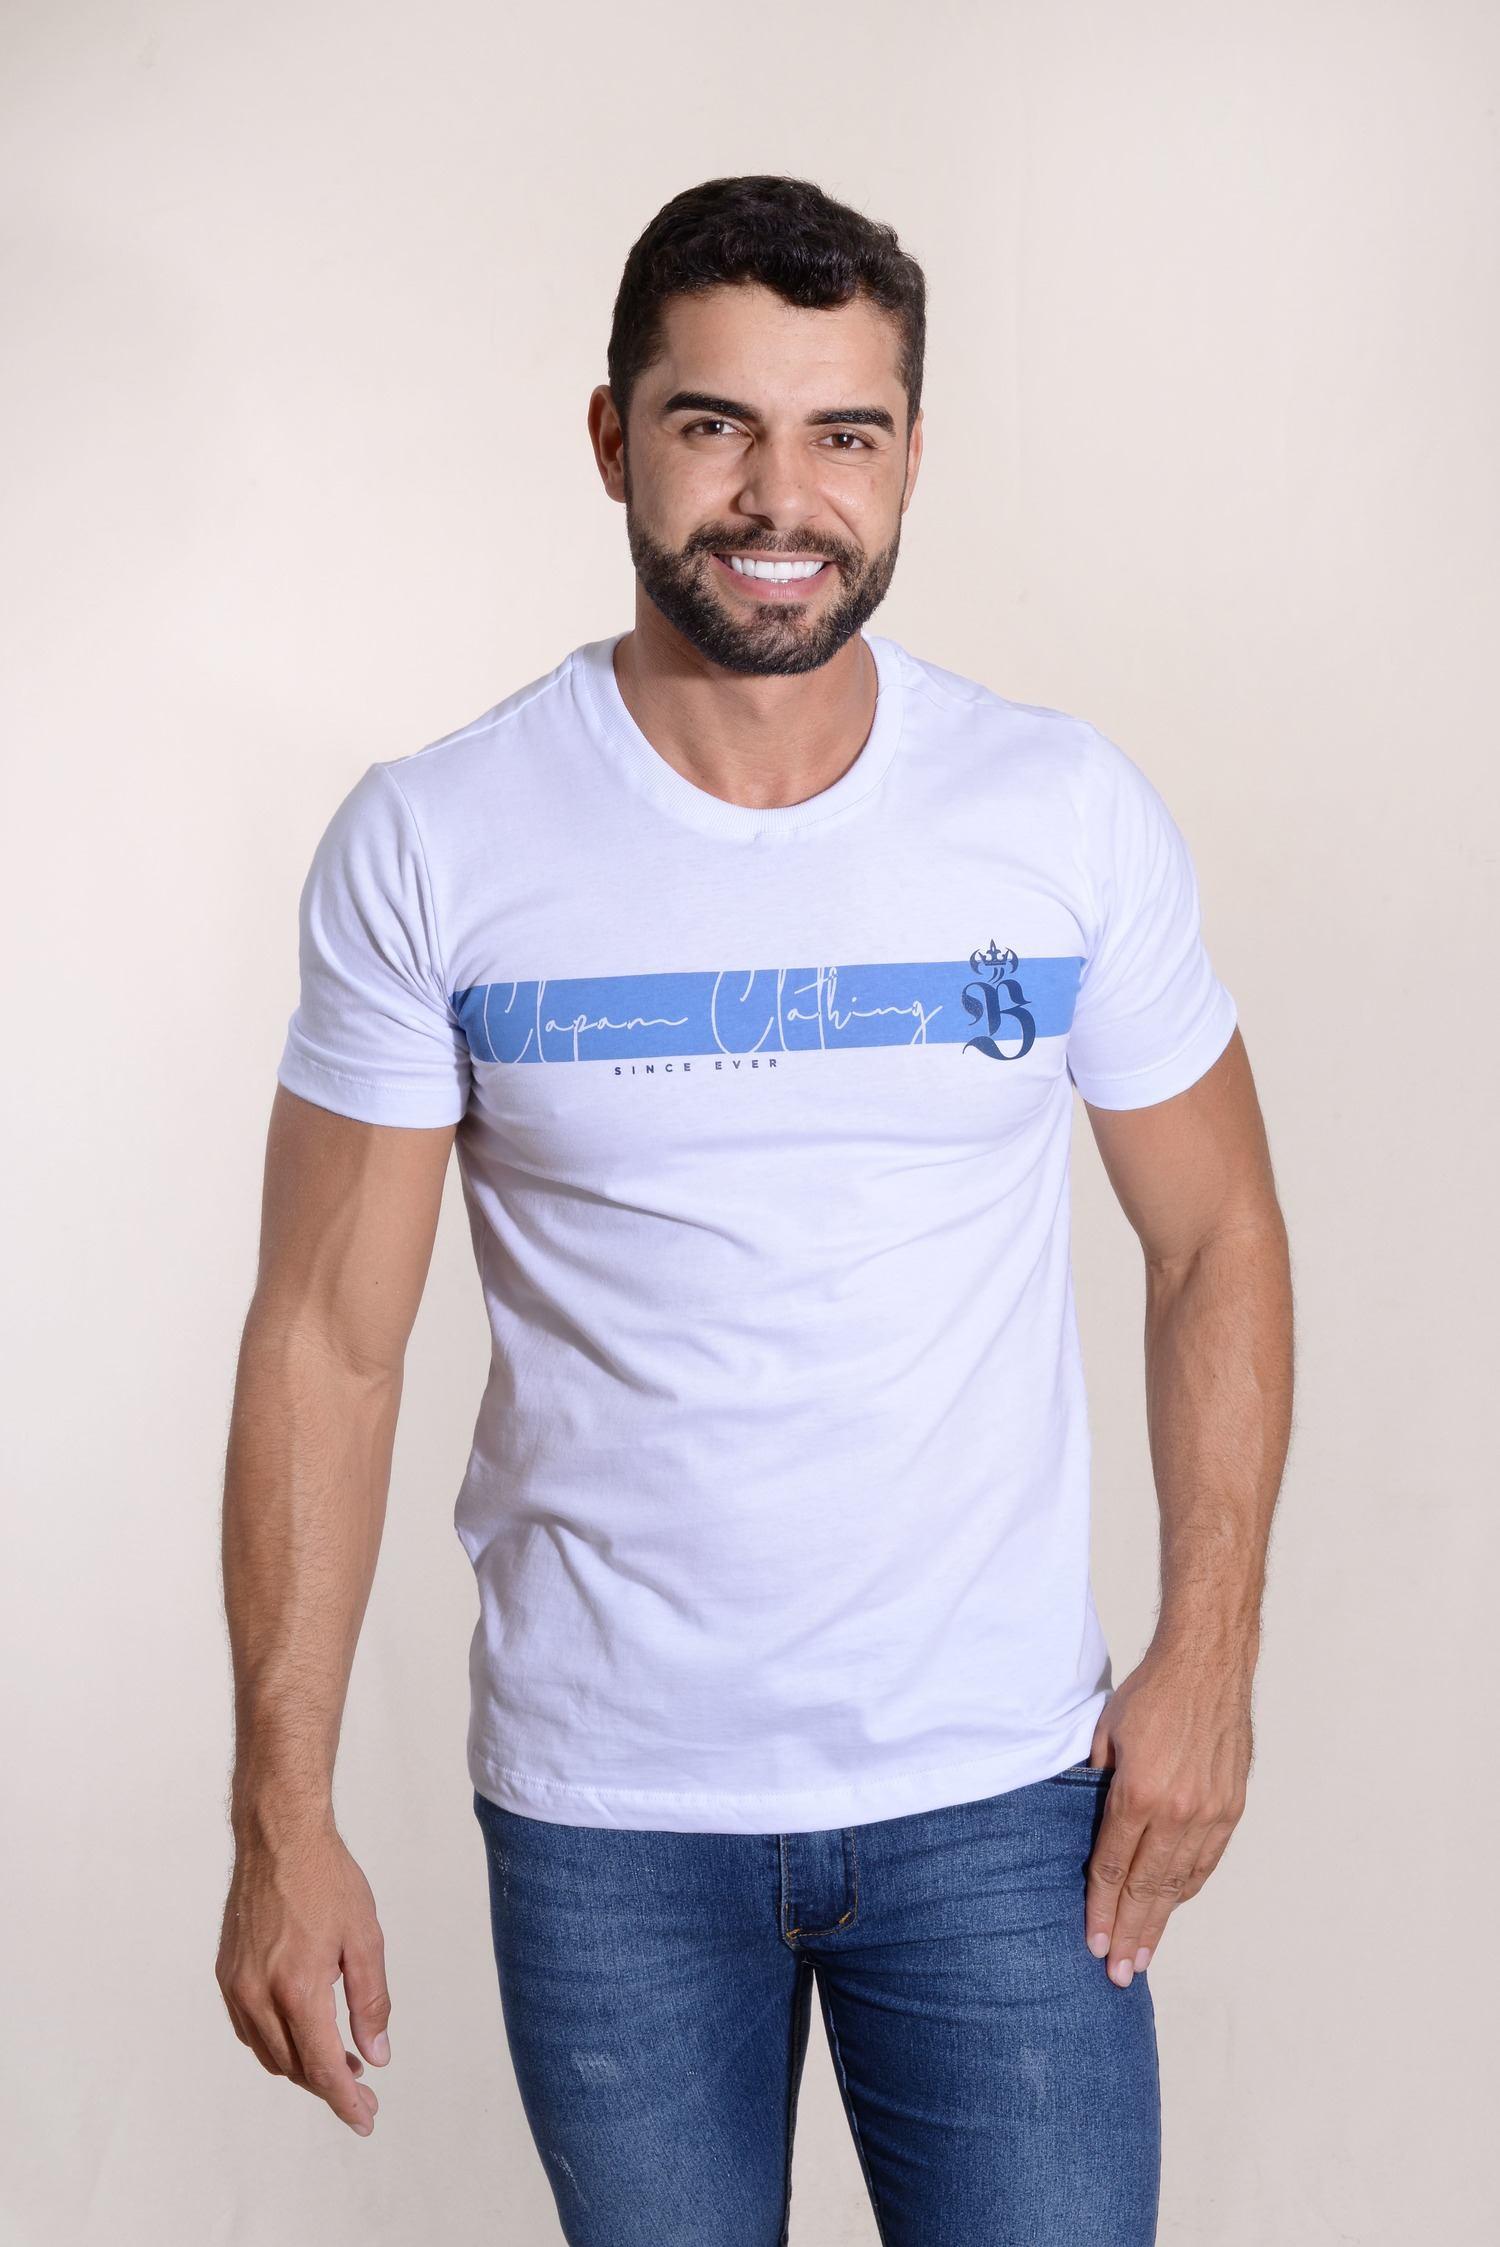 Camiseta Champions Clothing 100% Algodão Silk Relevo Burguês